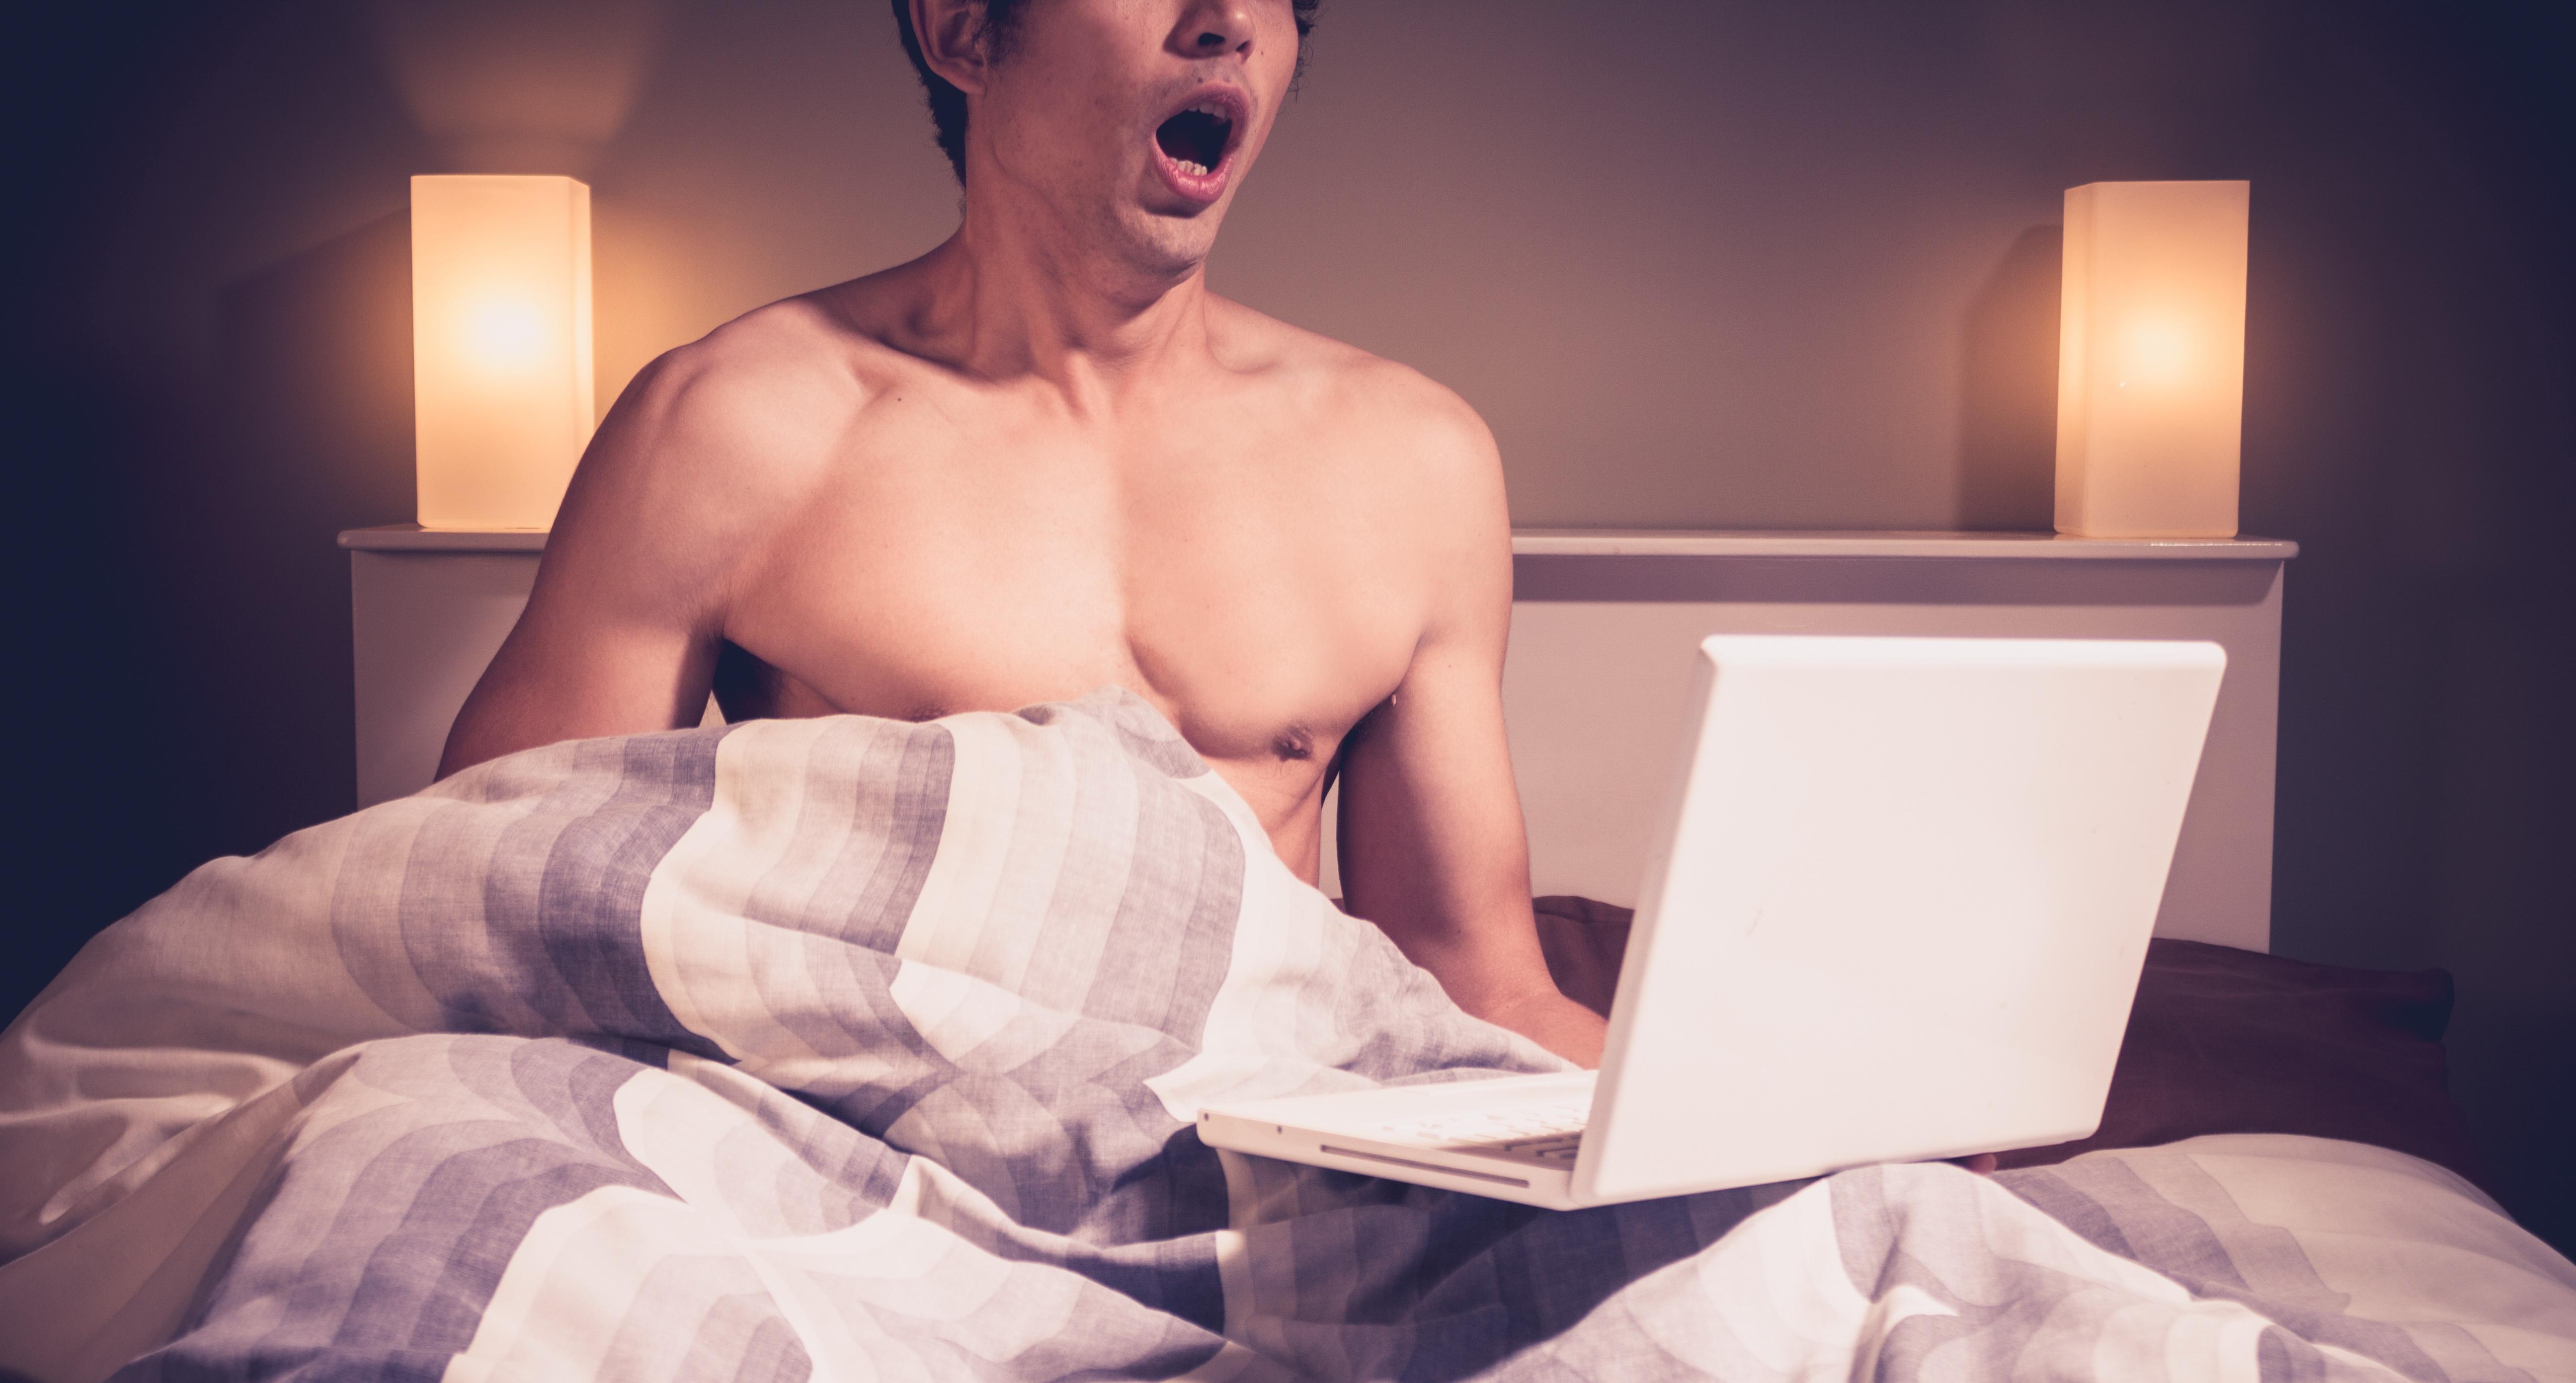 Найгомофобніші штати найбільше скачують гей-порно